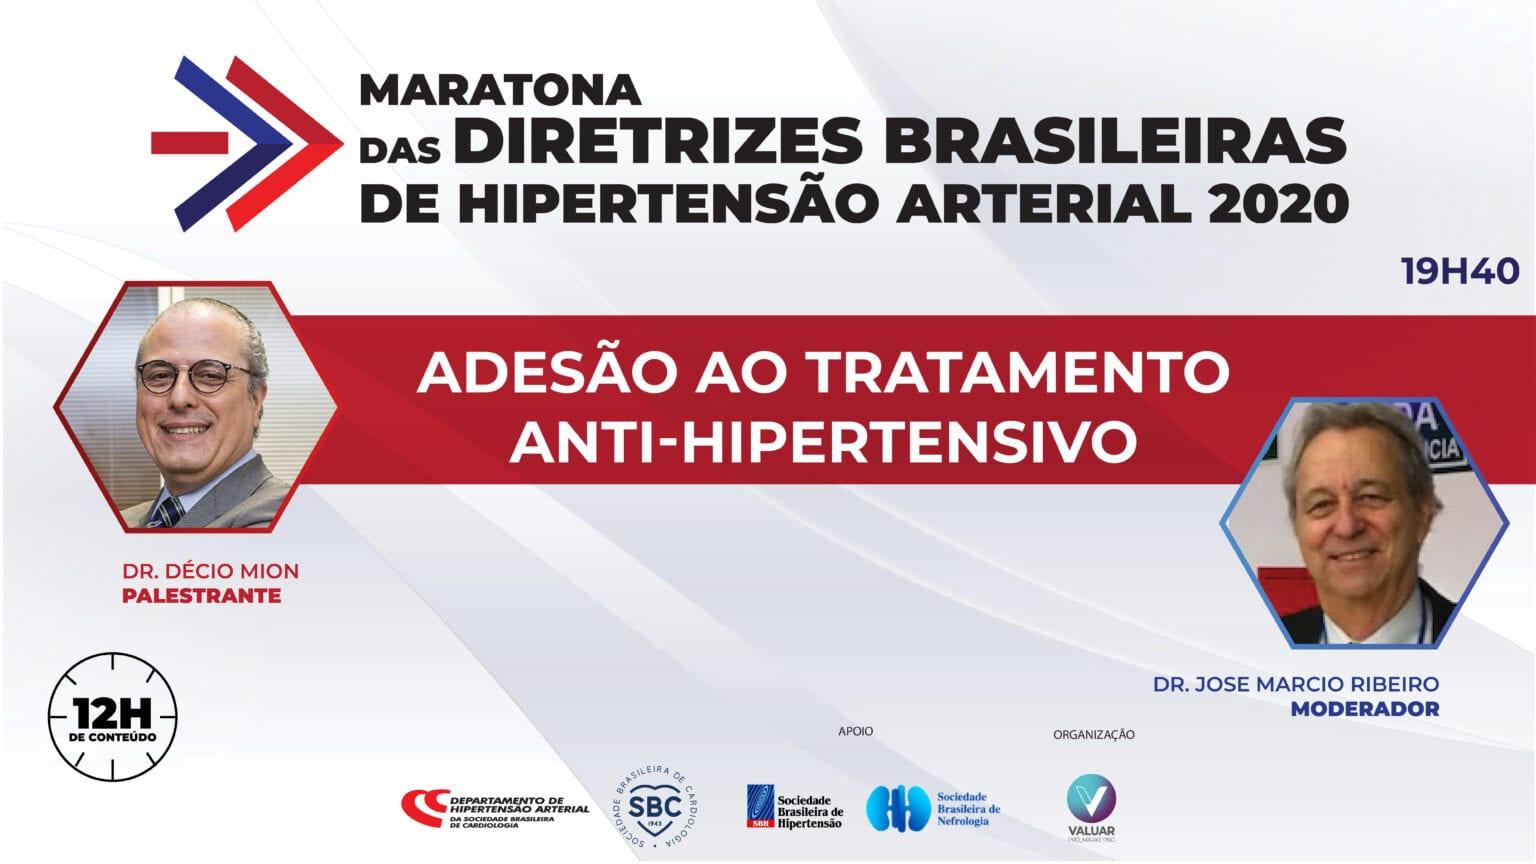 Adesão ao Tratamento Anti-hipertensivo